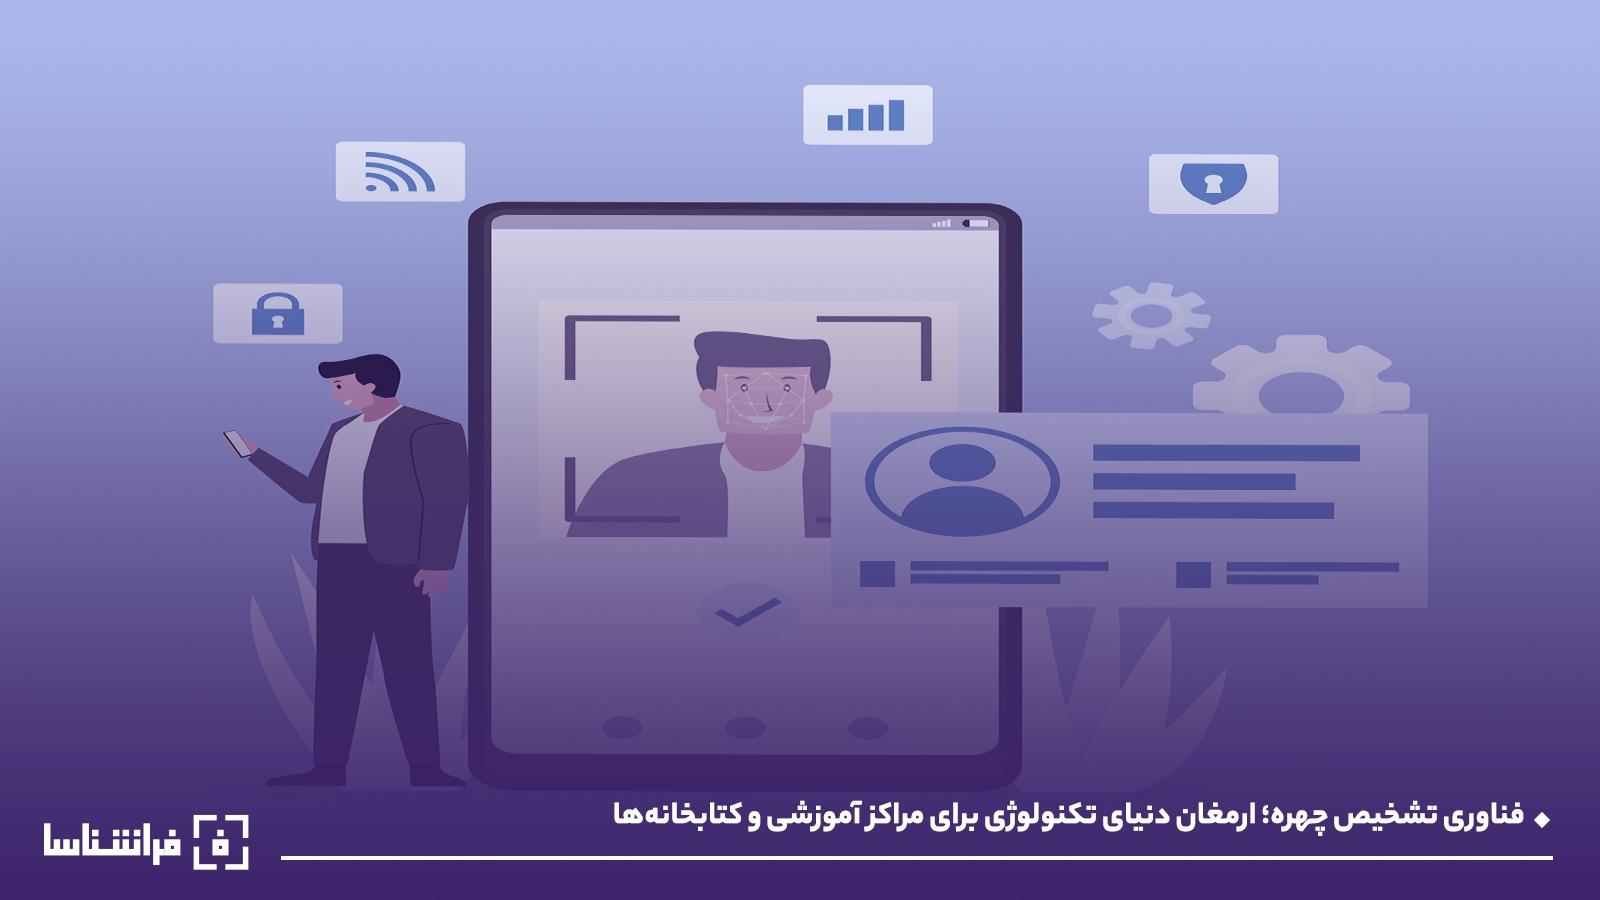 فناوری تشخیص چهره؛ ارمغان دنیای تکنولوژی برای مراکز آموزشی و کتابخانهها